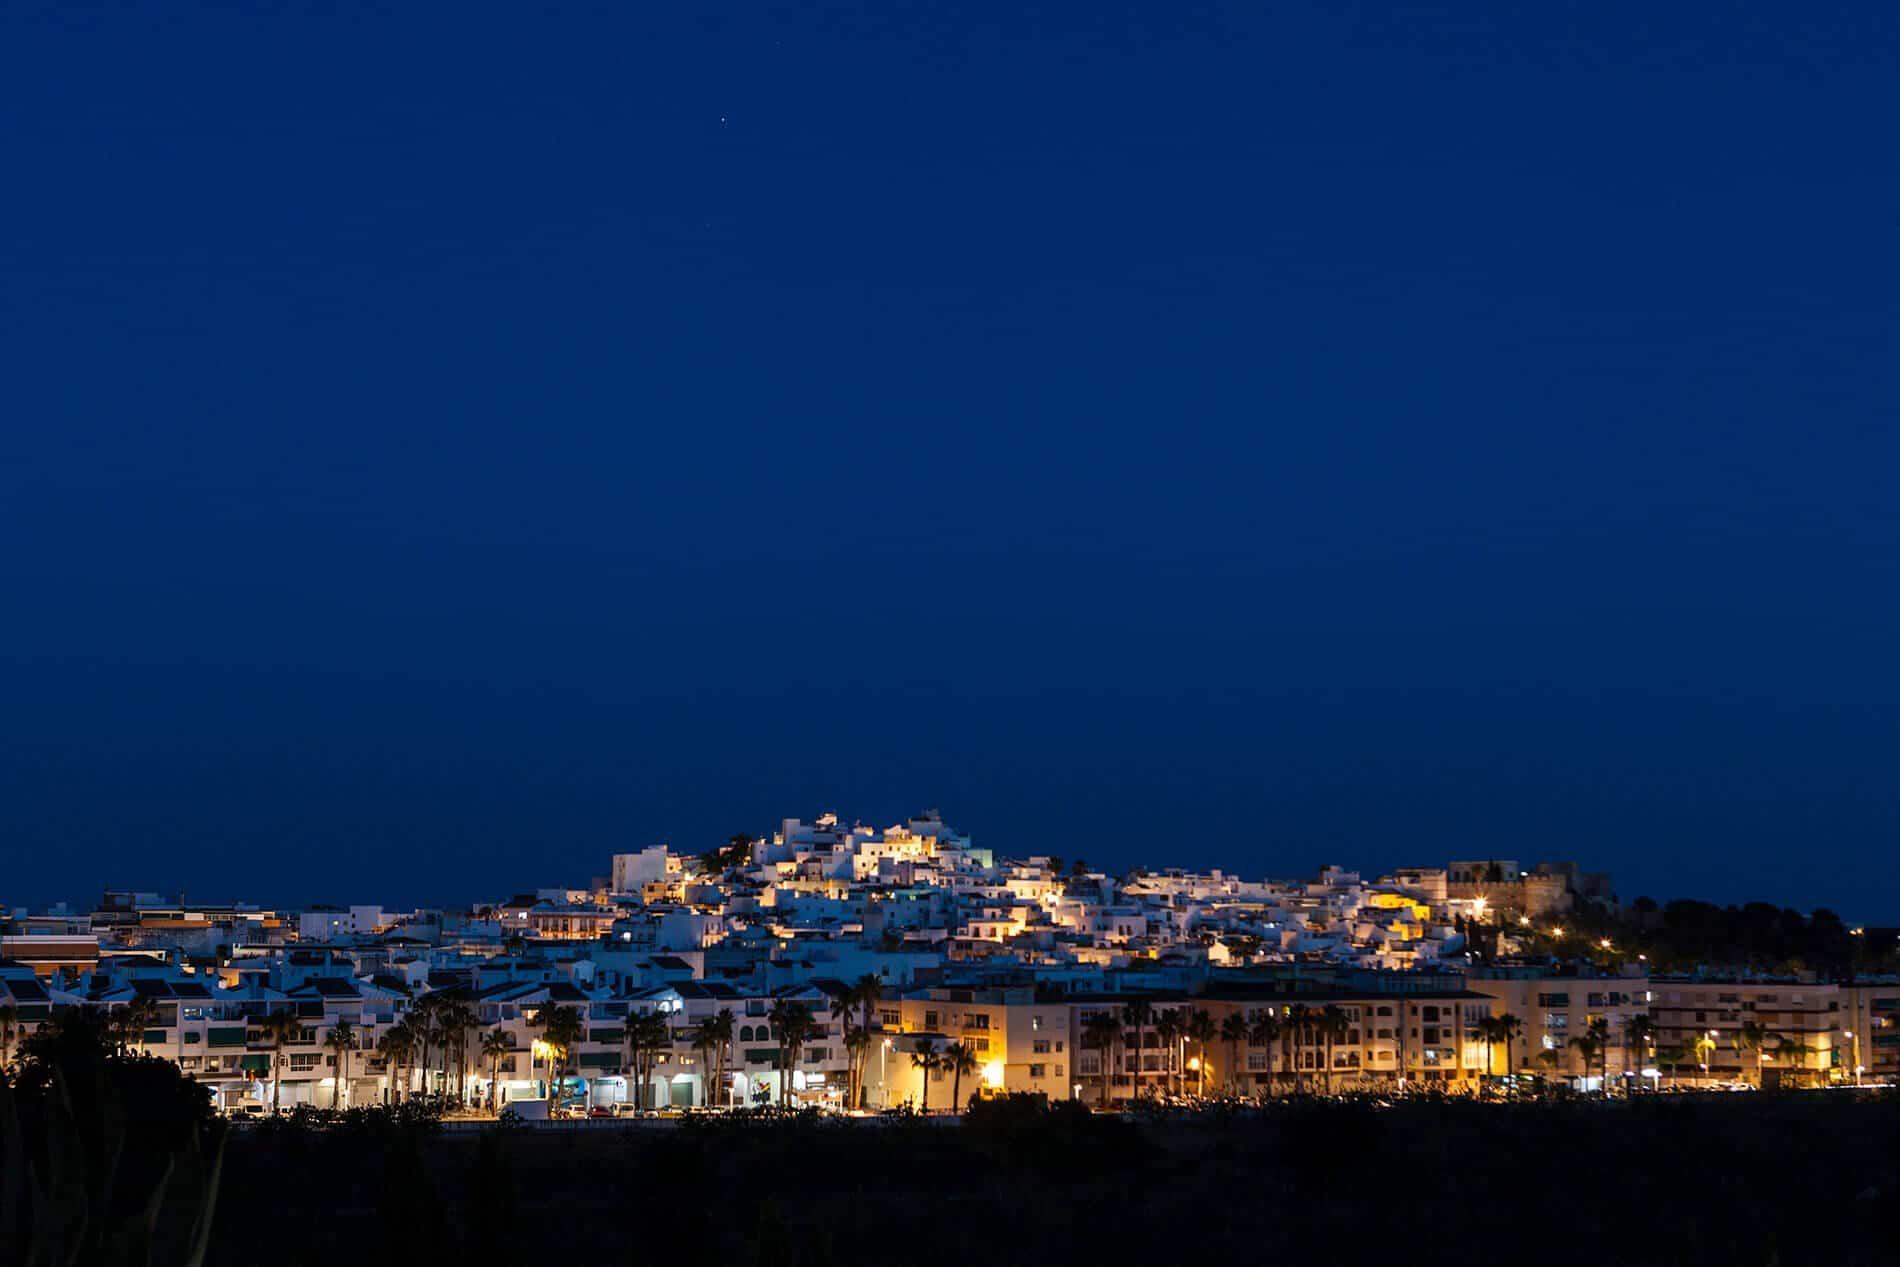 Espanja-Almuneckar-Hotel Suite Albayzin del Mar granada